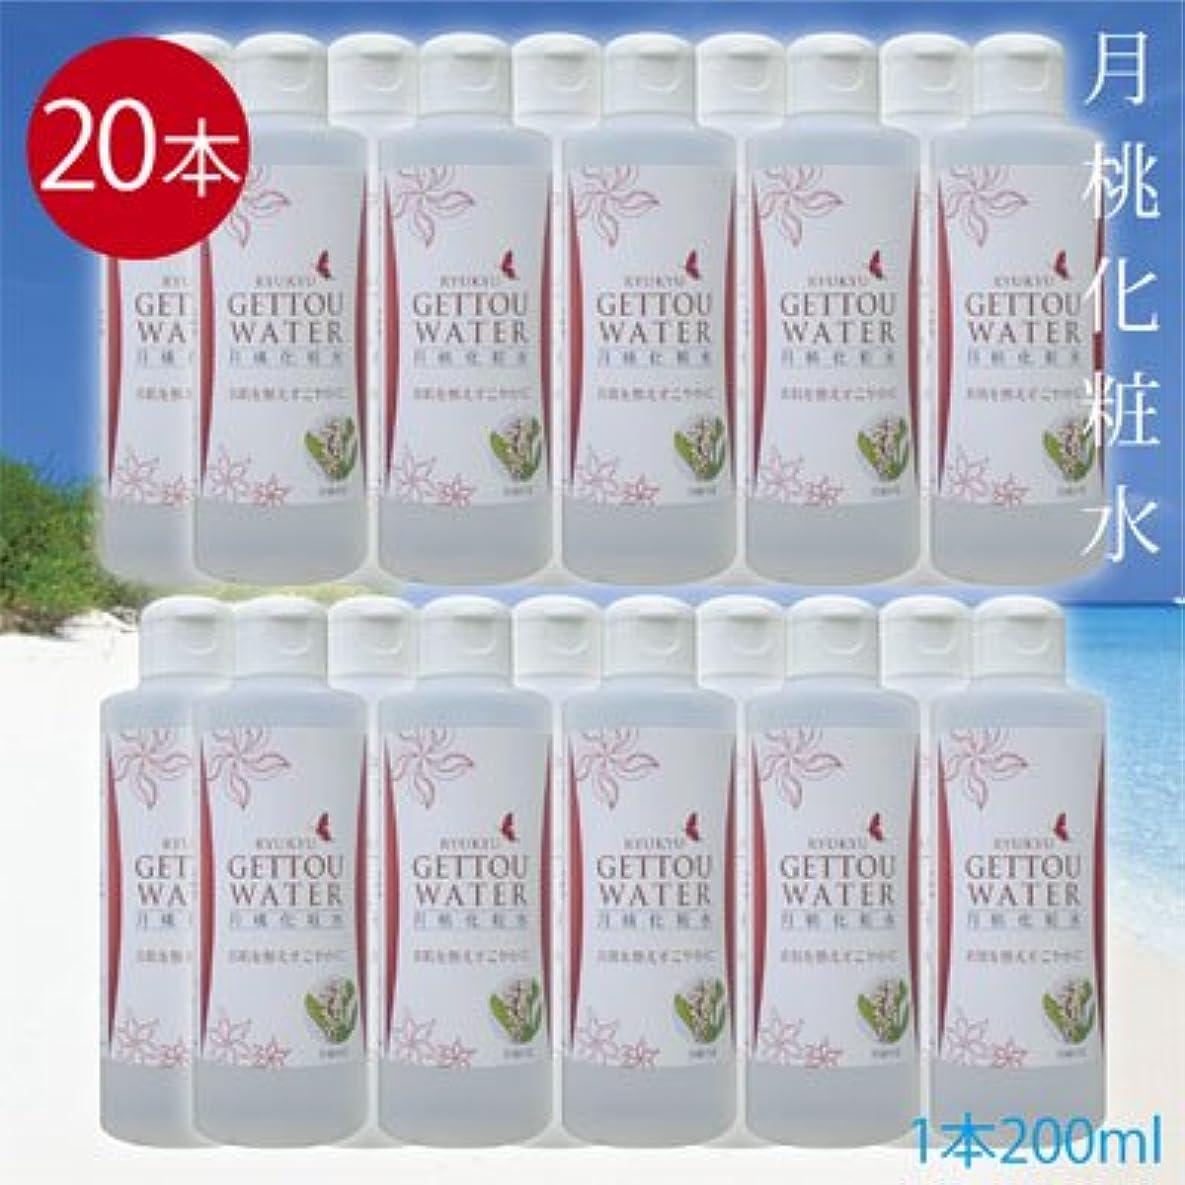 美肌 月桃水 月桃化粧水 20本(1本?200ml)